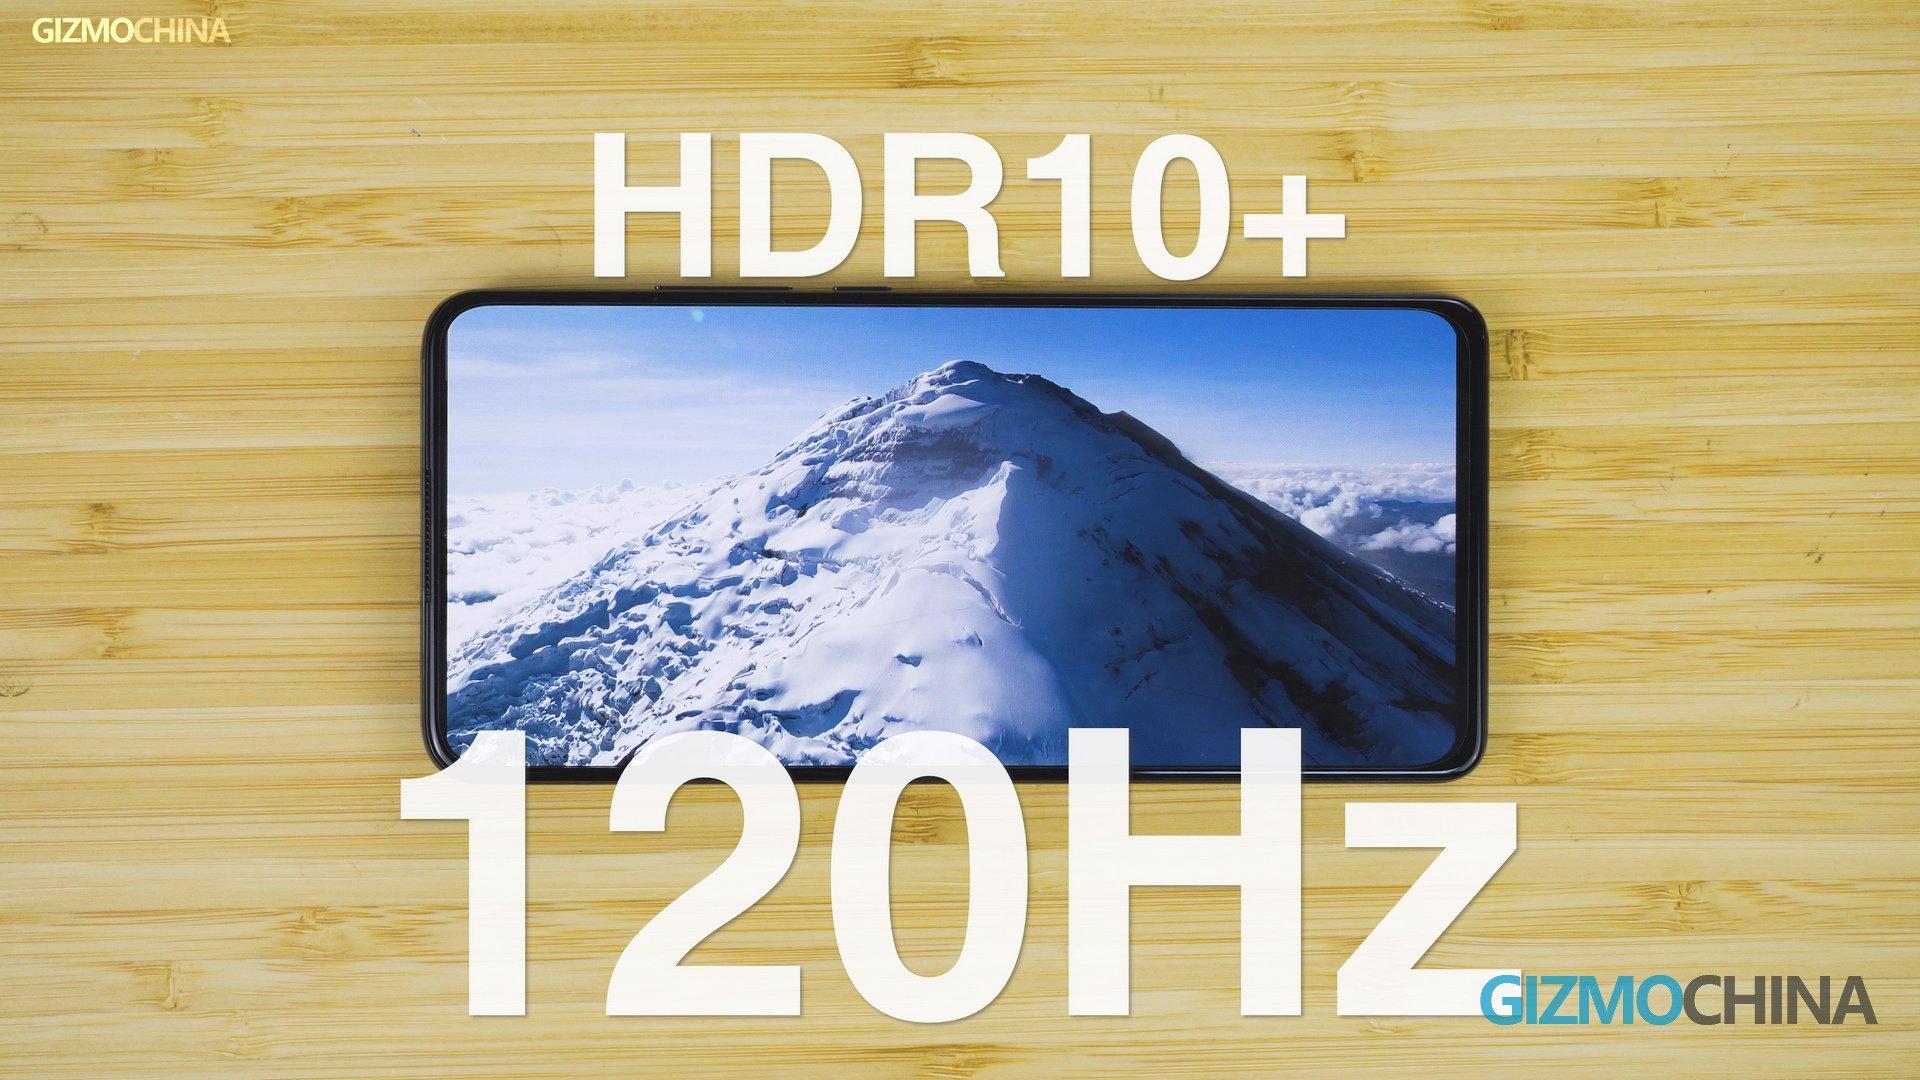 Die Bildwiederholfrequenz des Redmi K30 Pro Ultra Review mit 120 Hz ist hoch